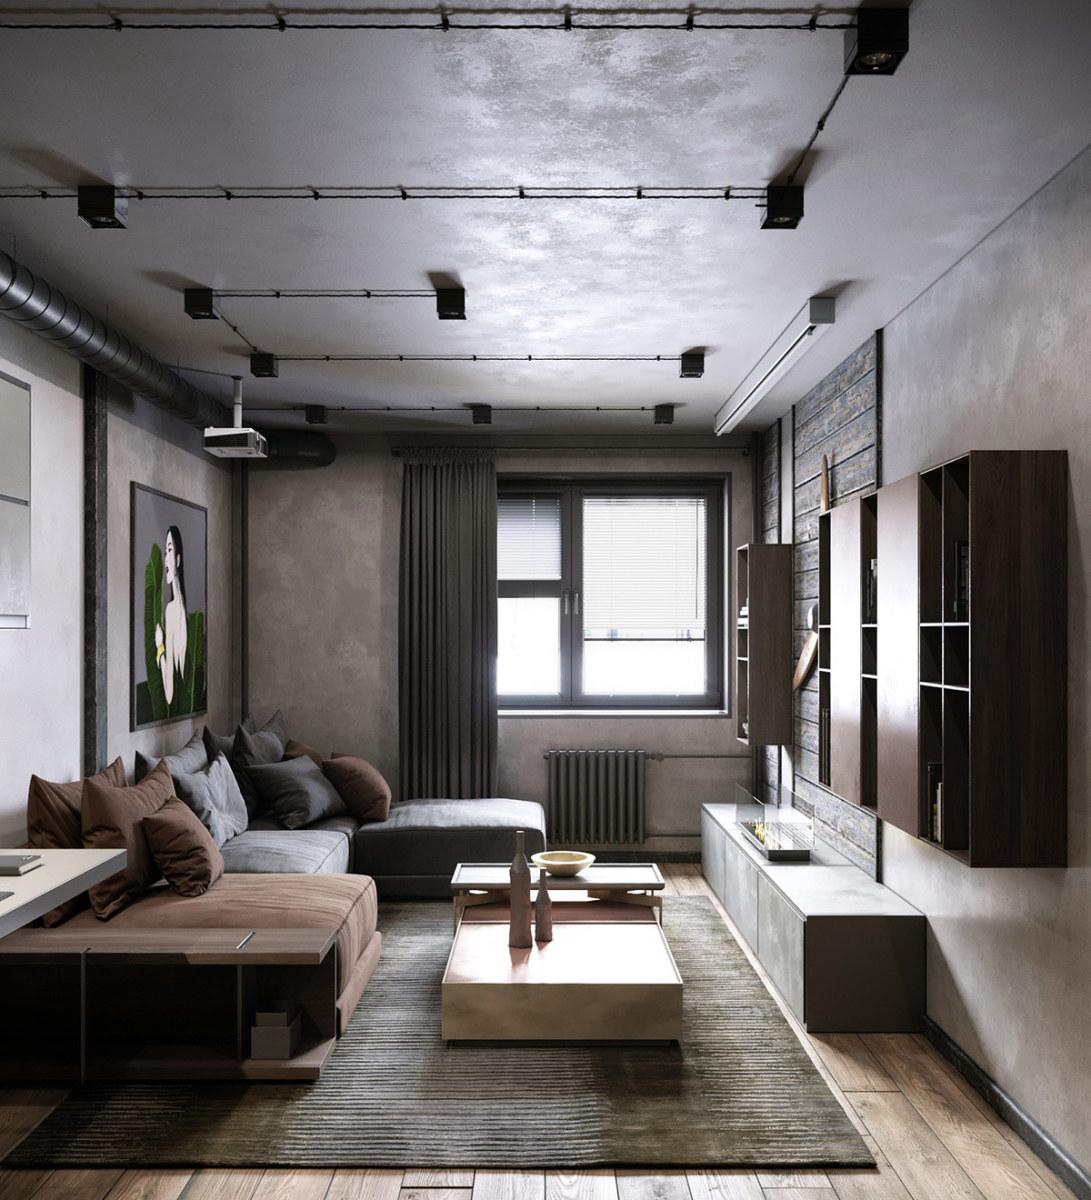 室内设计优秀作品集锦(6)